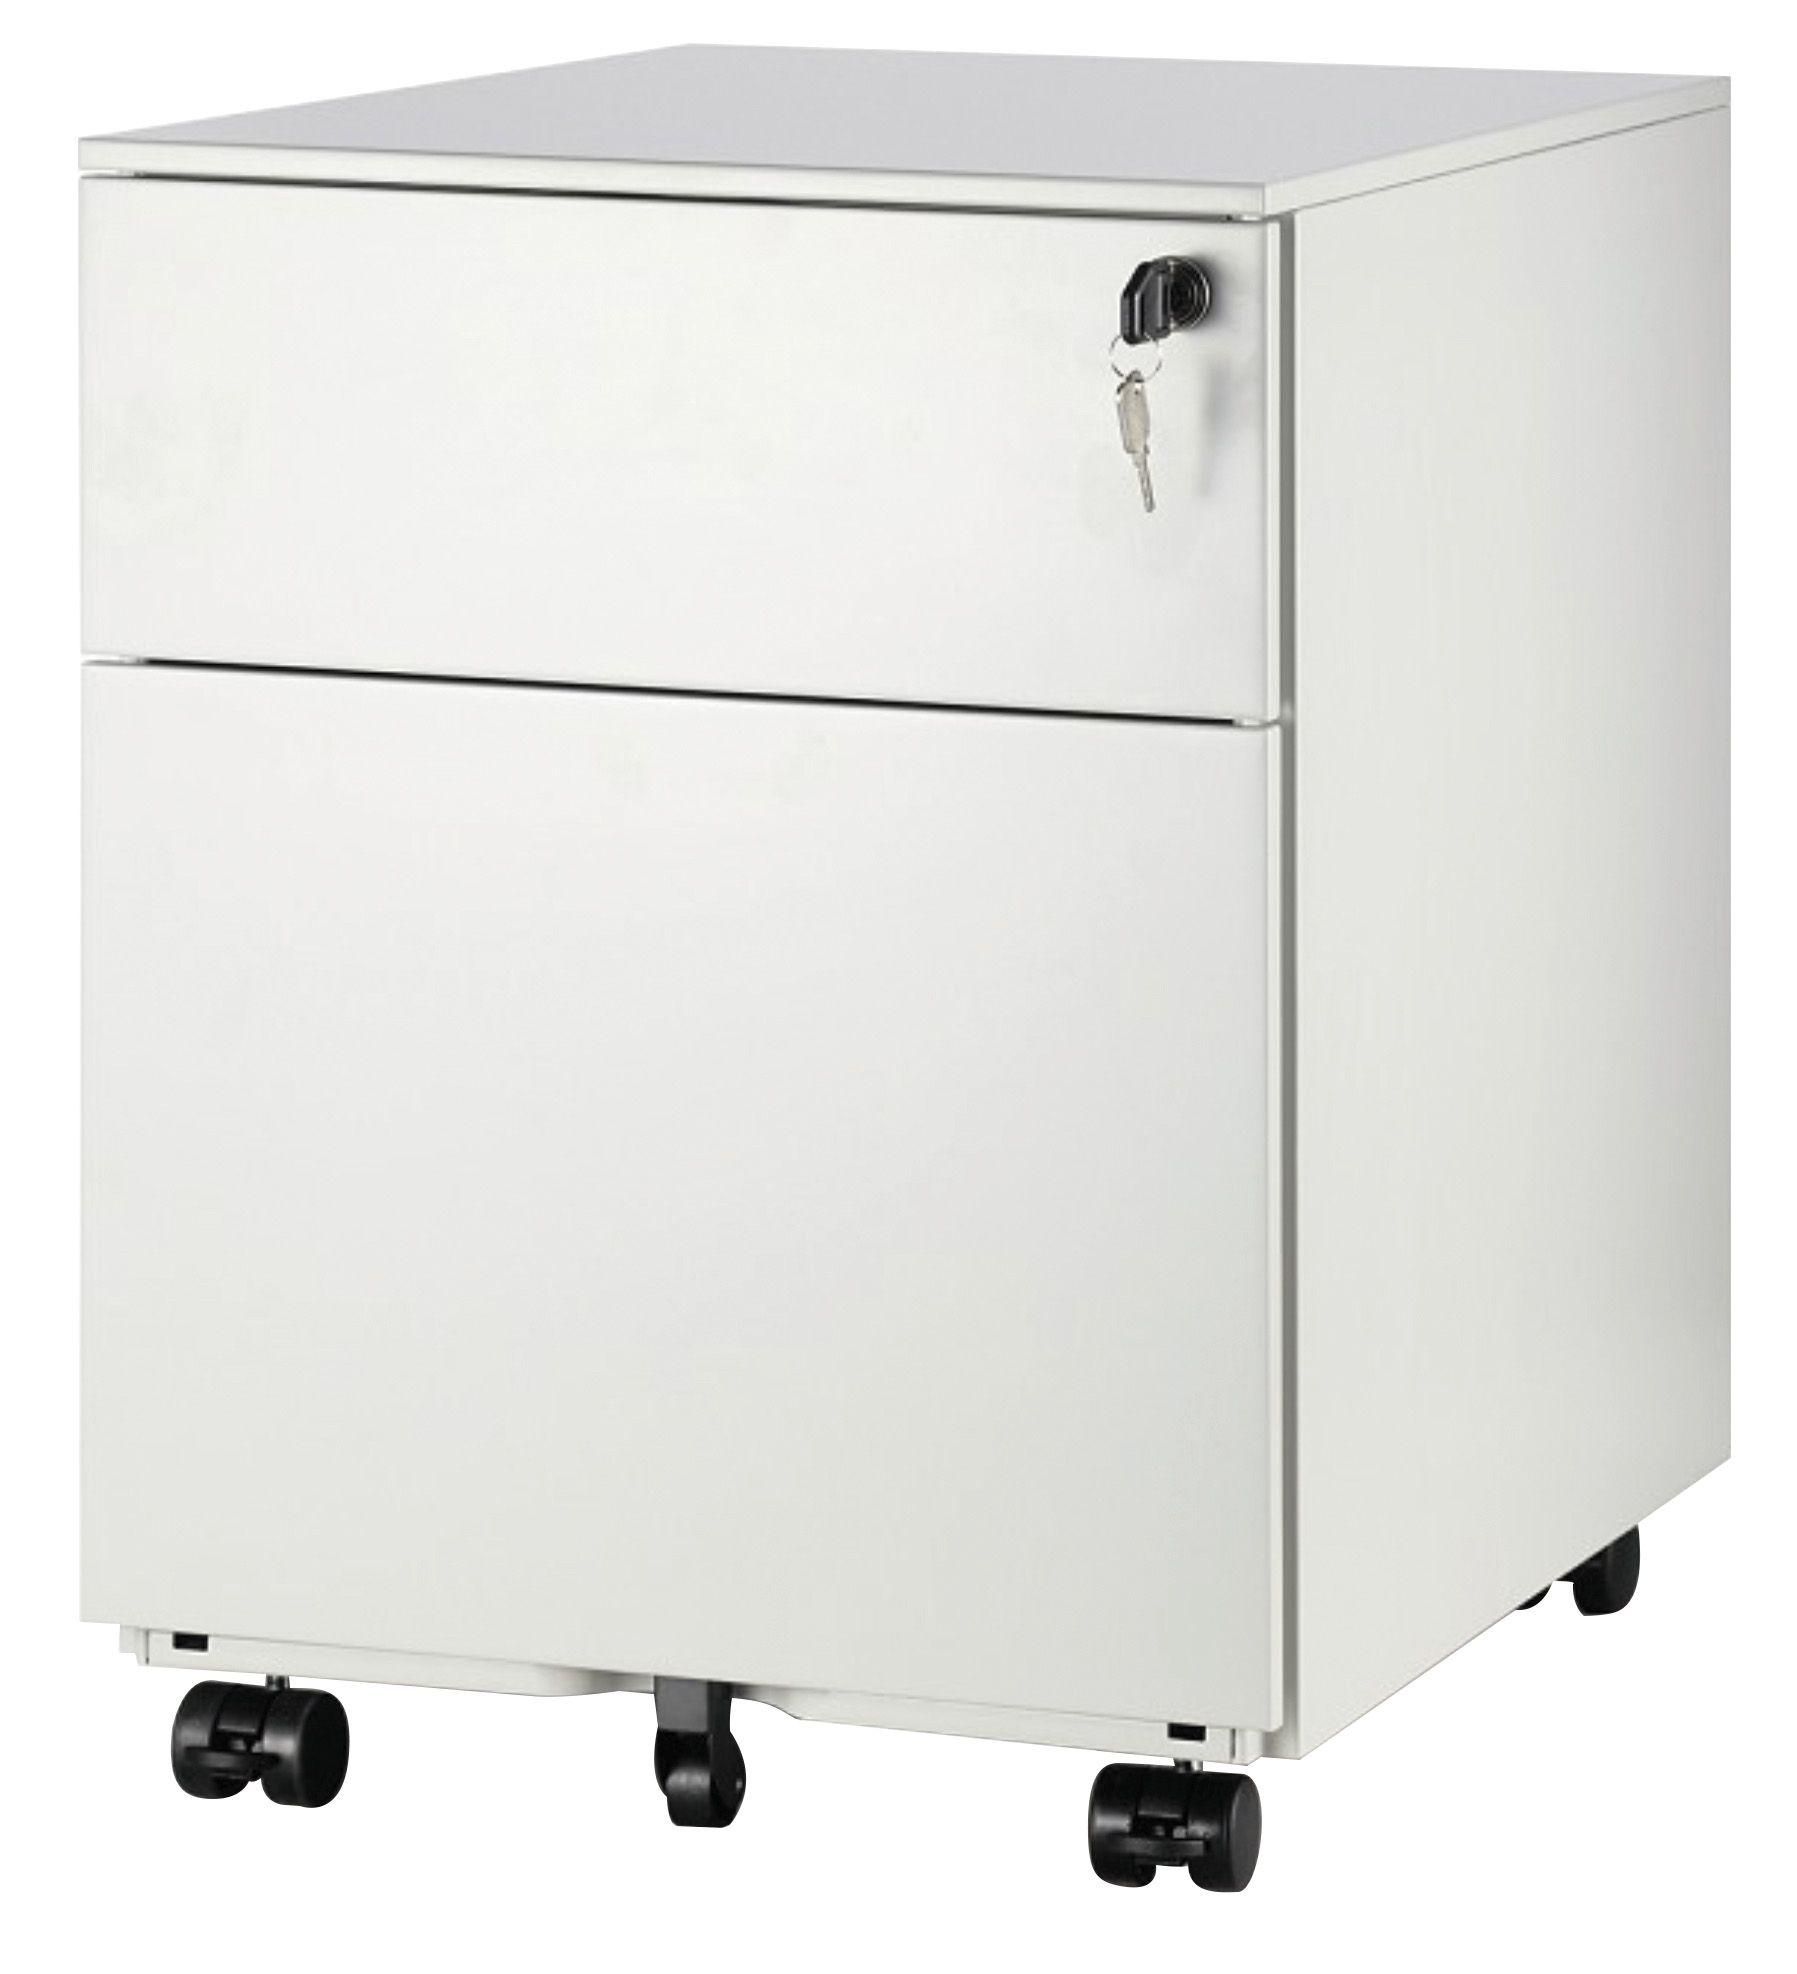 Caisson mobile métallique monobloc - H50 x L42 x P56,5 cm - 2 tiroirs - blanc